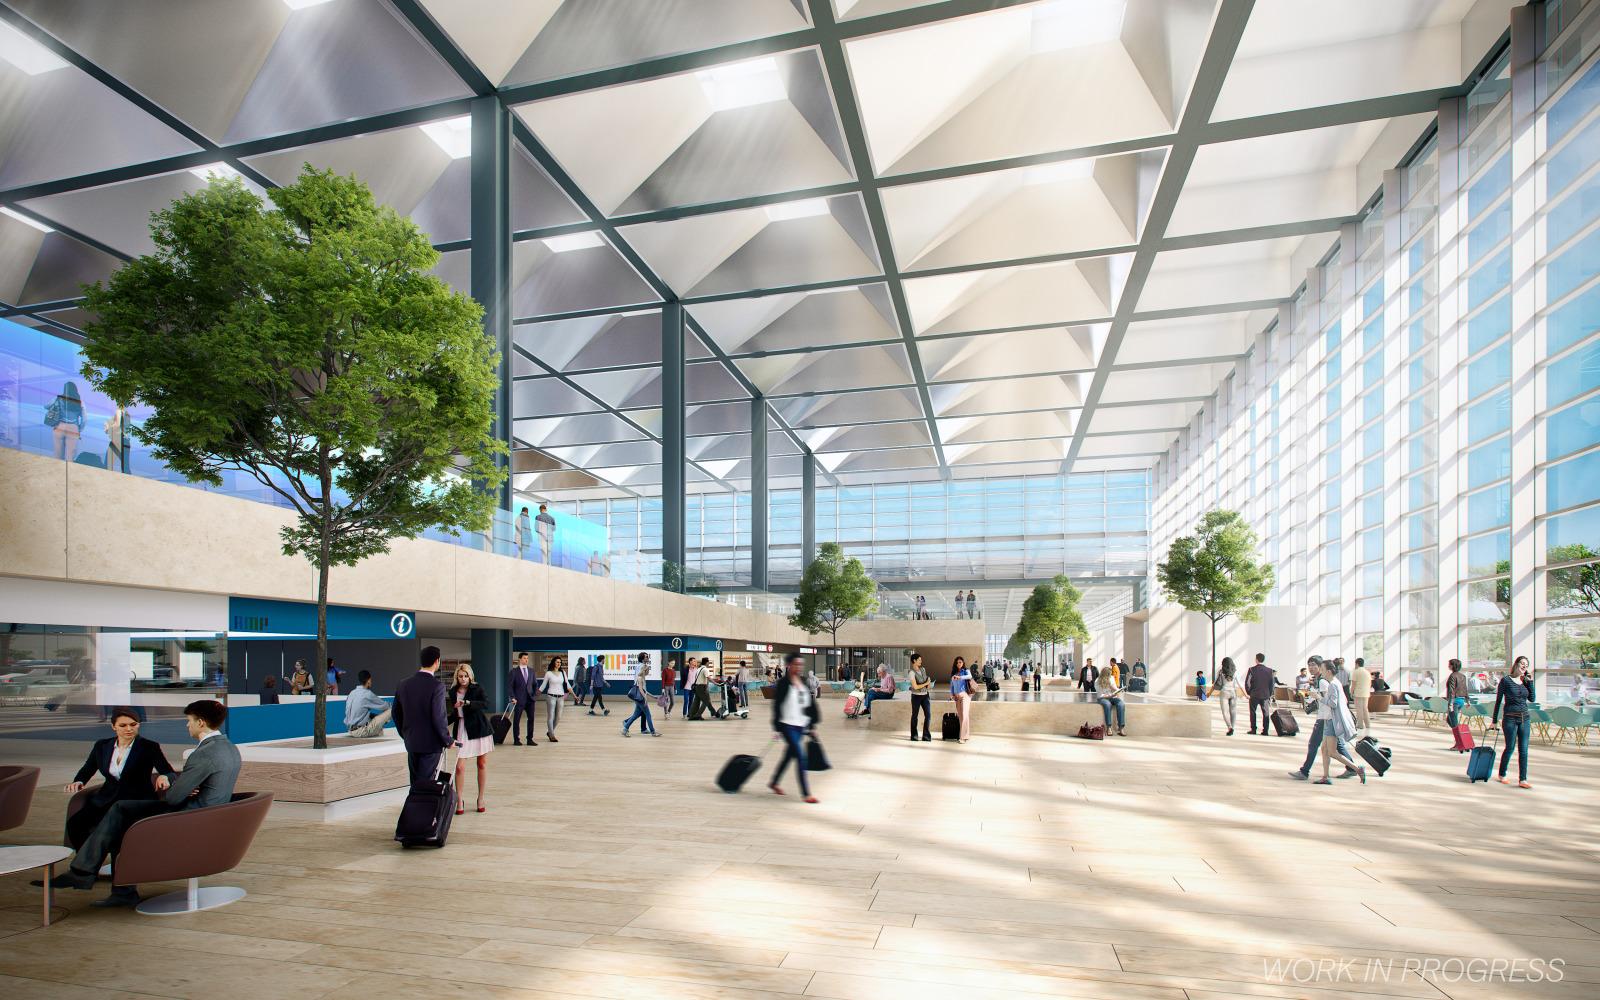 Demande de permis de construire pour l'extension de l'aéroport Aéroport Marseille Provence comprenant la création d'un coeur d'aérogare et le